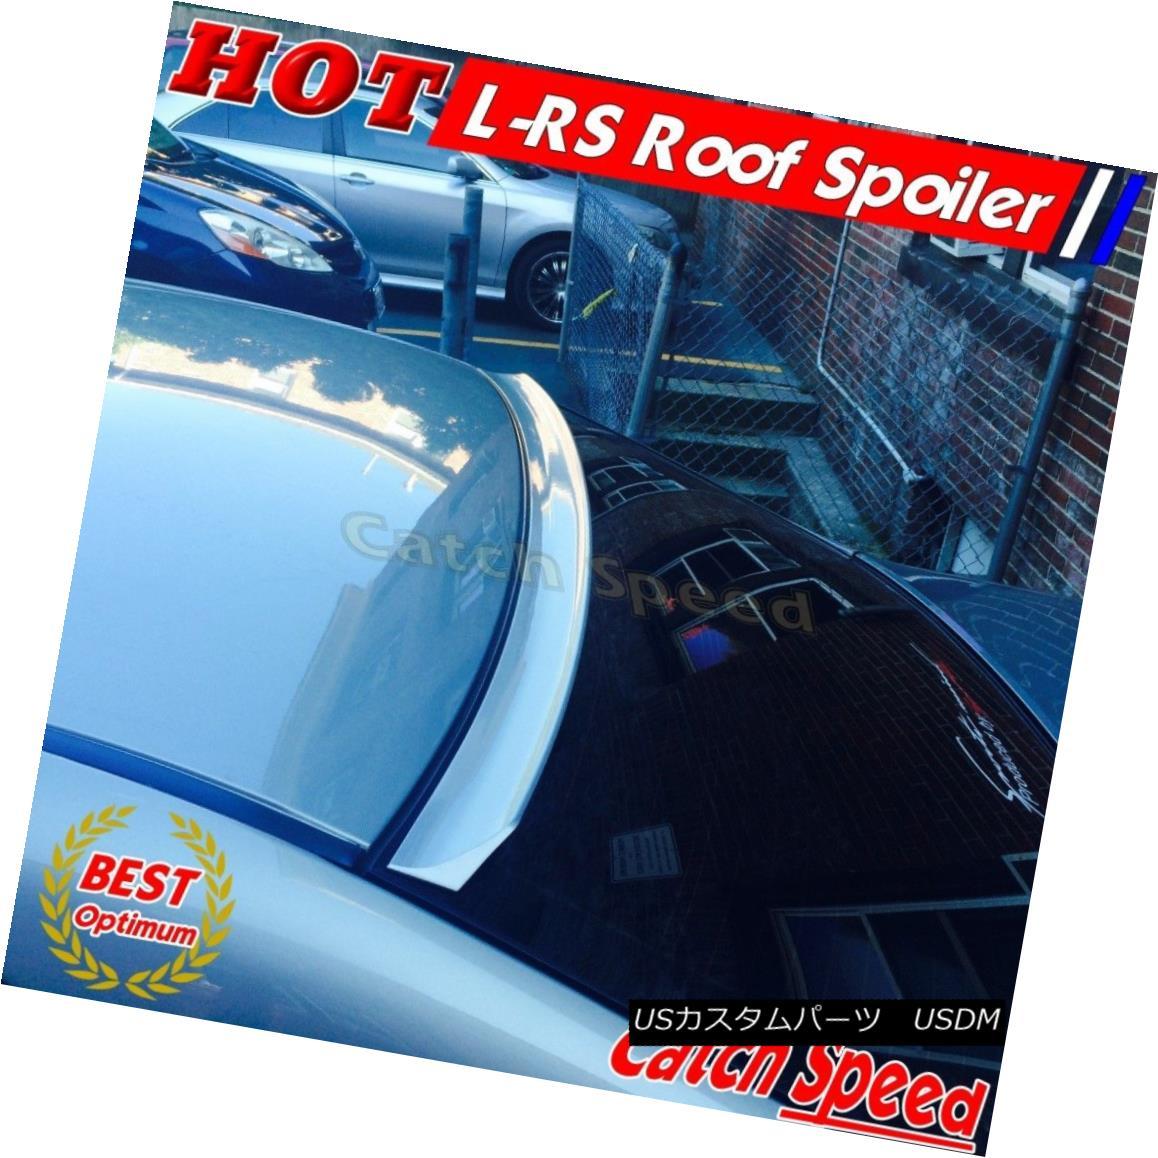 エアロパーツ Painted LRS Type Rear Roof Spoiler For Honda Prelude 4th Coupe 1992-1996 ? ホンダプレリュード第4クーペ1992-1996用の塗装LRSタイプのリアルーフスポイラー?